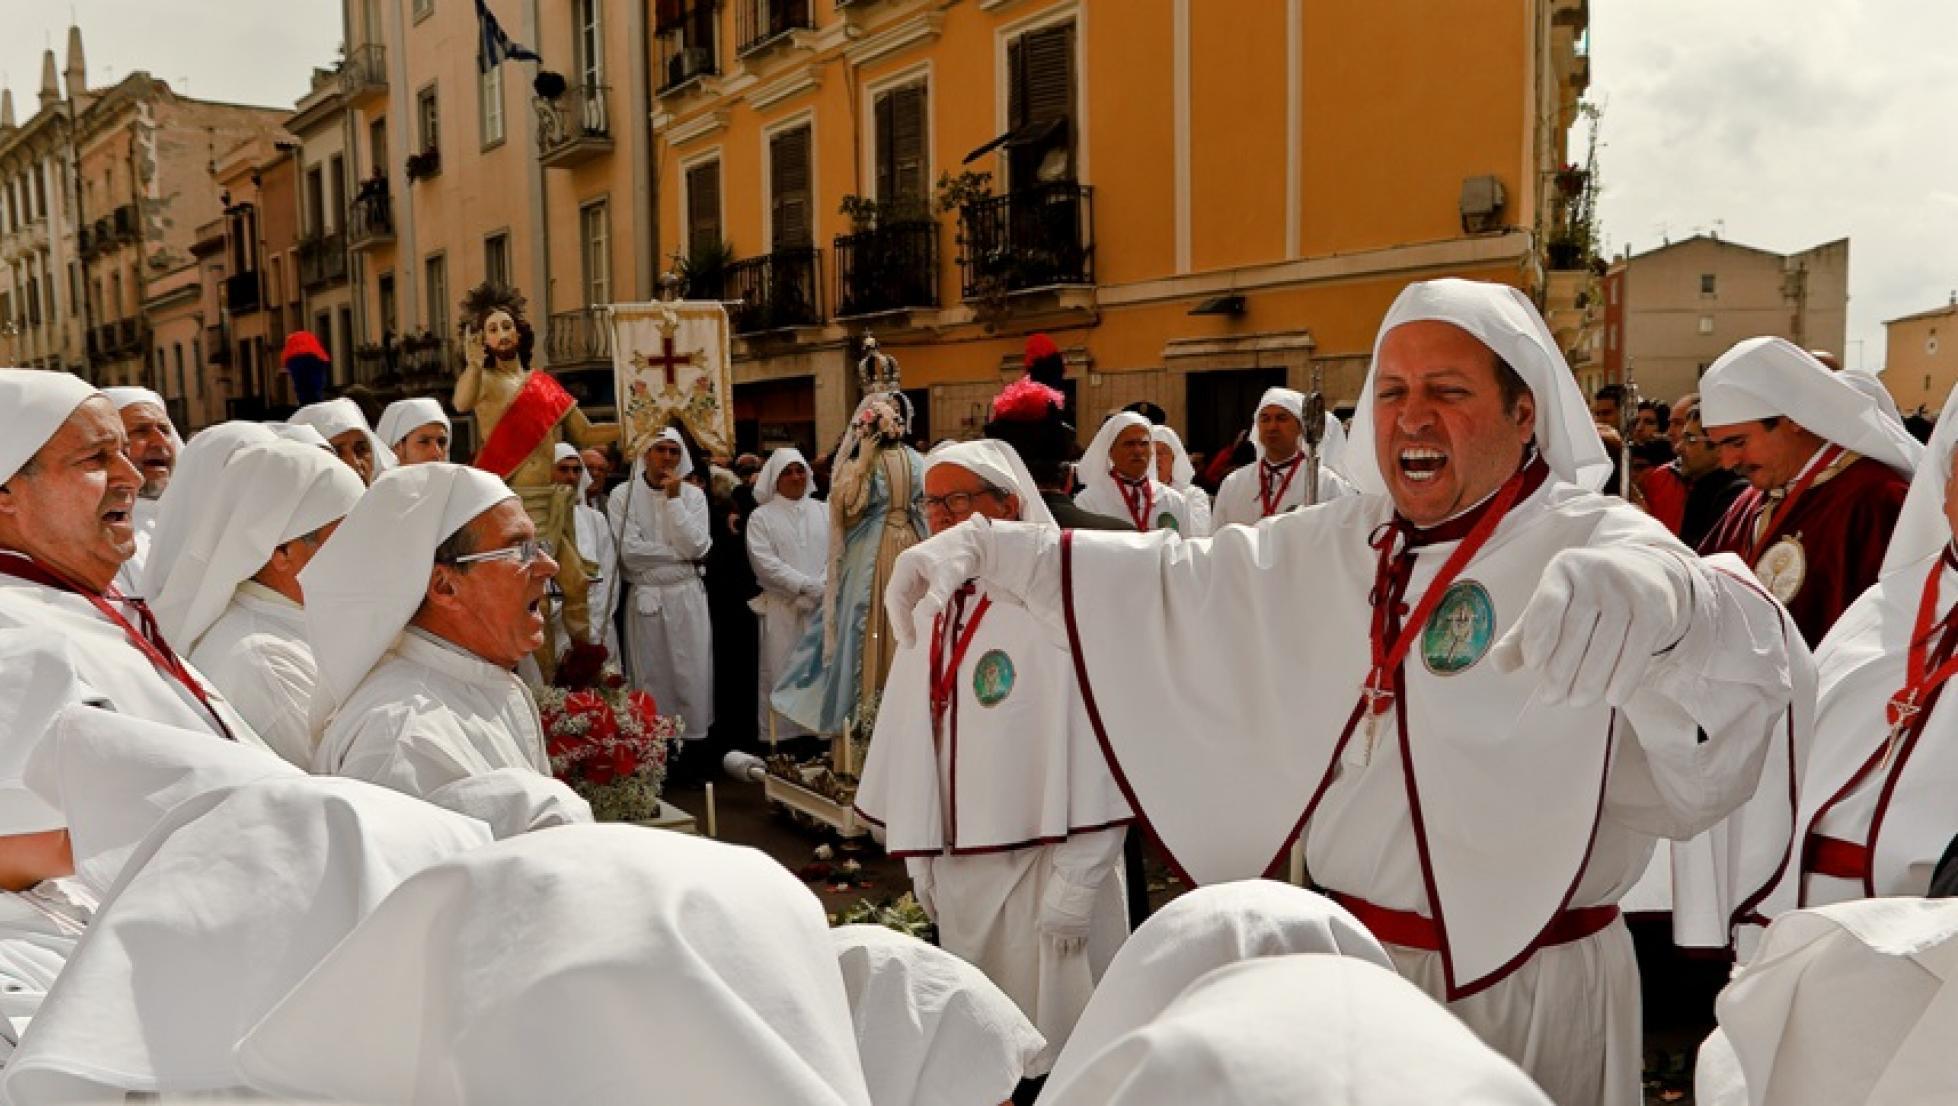 pasqua_processione_s_incontru_arciconfraternita_ss_crocifisso